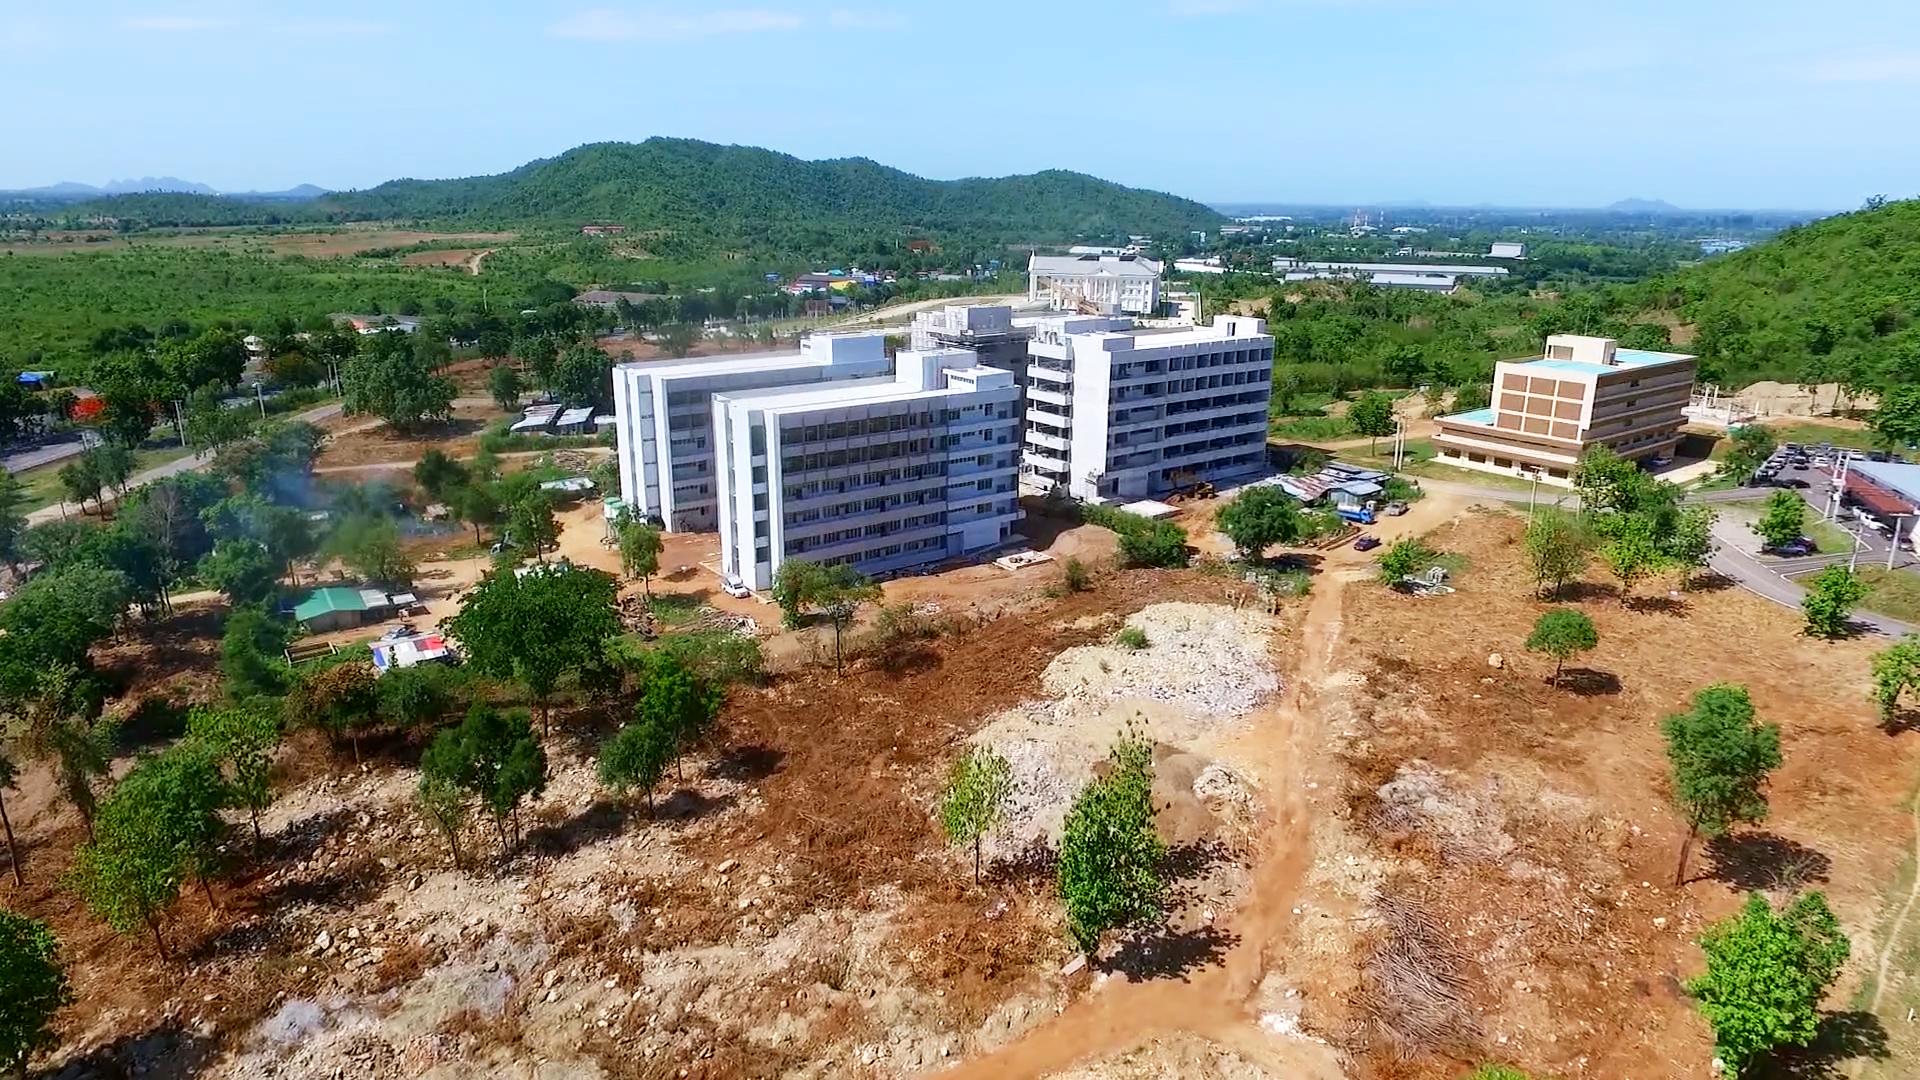 อิฐแดง มอก.77-2545 โรงพยาบาลสวรรค์ประชารักษ์